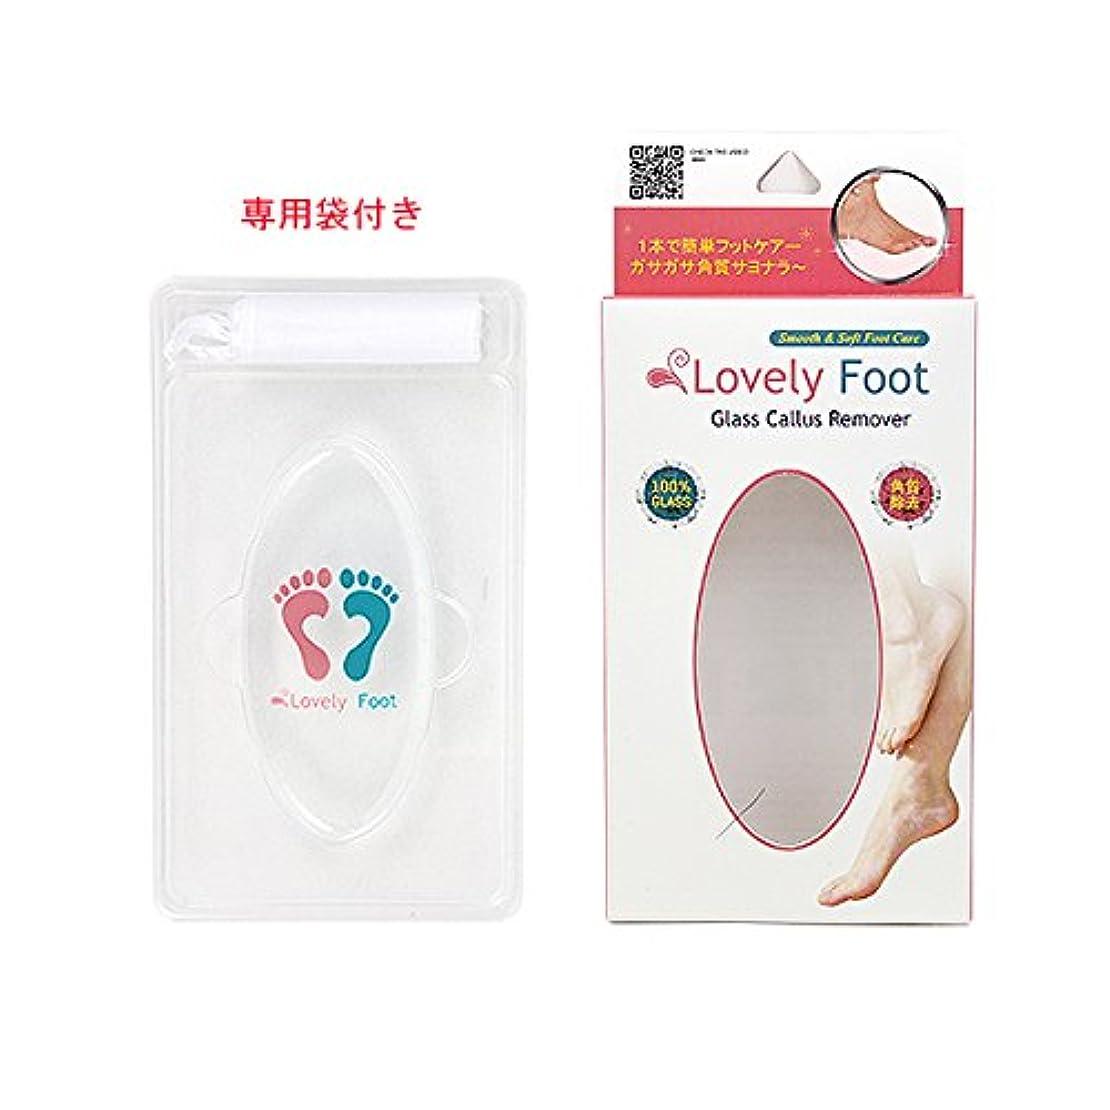 フランクワースリーにんじんオリエンテーションLovely Foot Glass Callus Remover (ガラス角質取り)